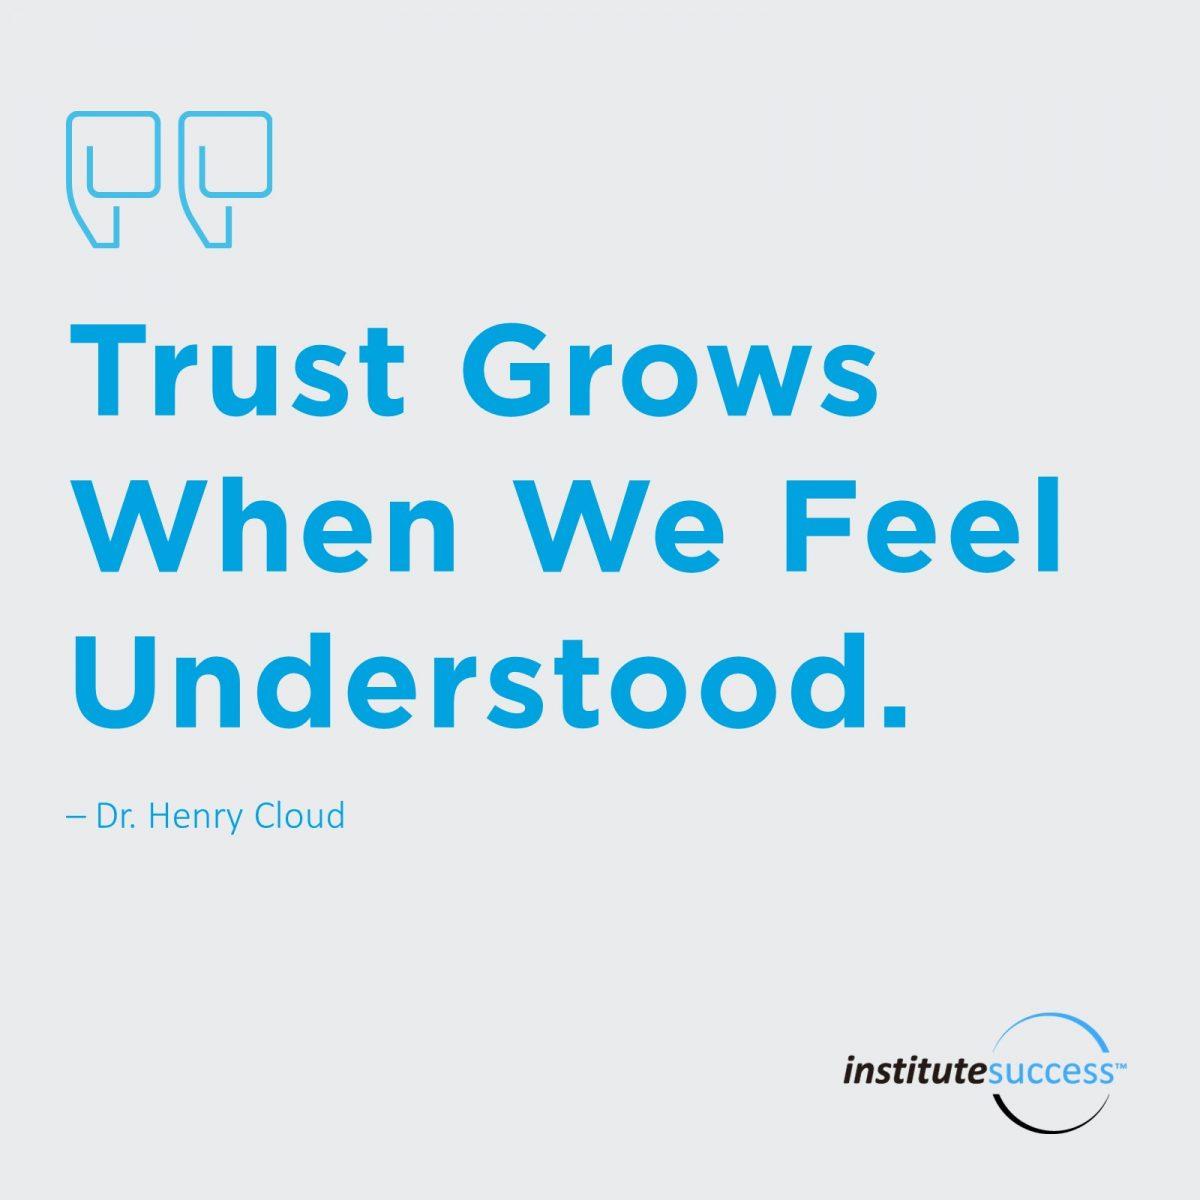 Trust grows when we feel understood – Dr. Henry Cloud